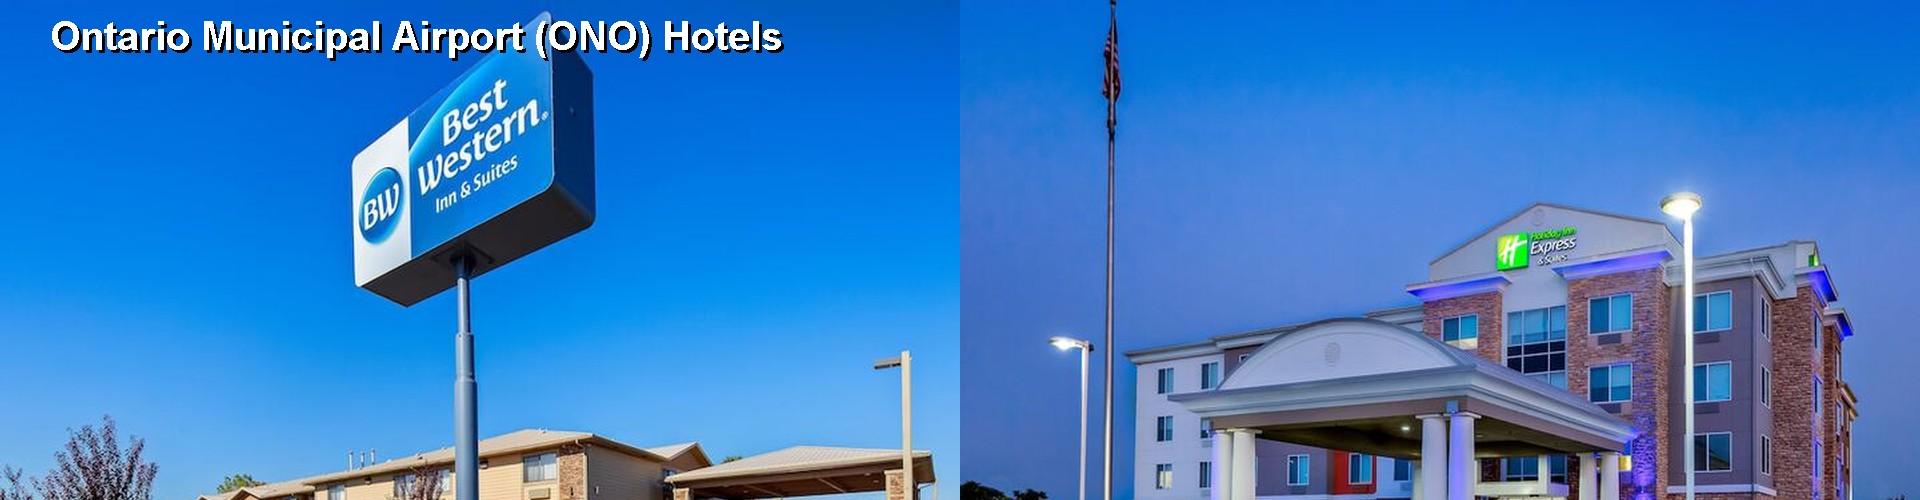 5 Best Hotels Near Ontario Munil Airport Ono